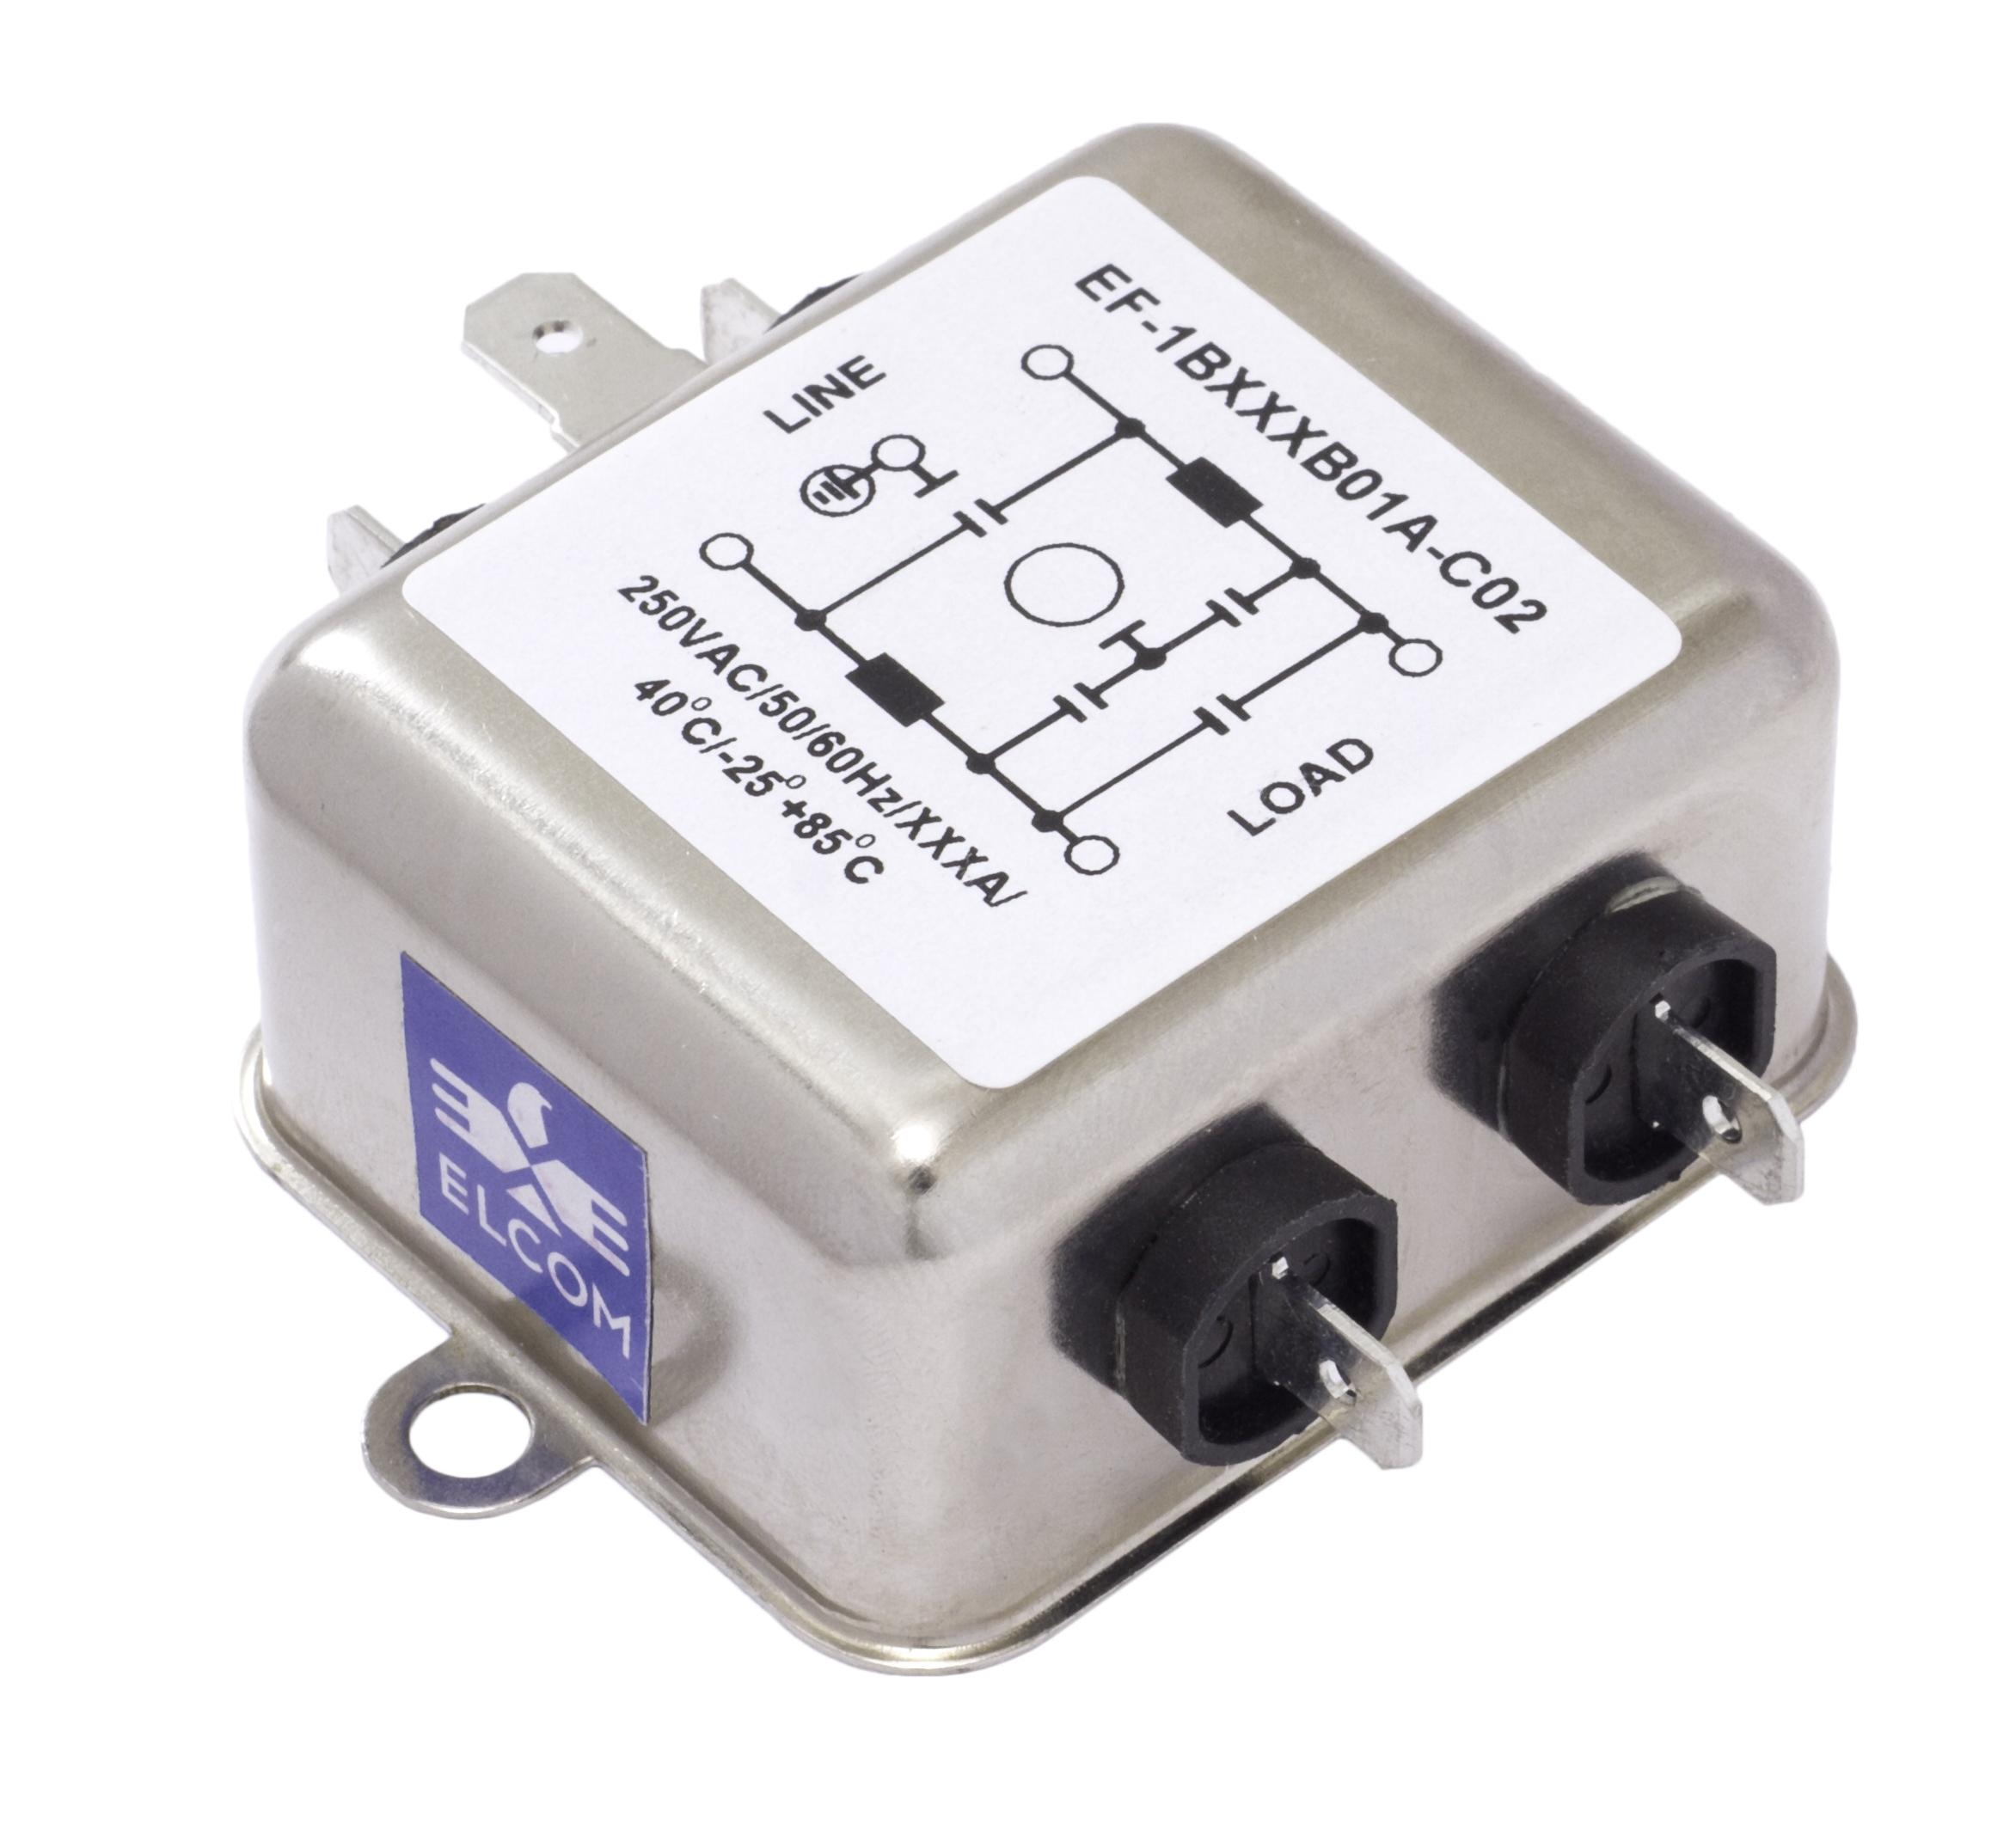 EMI-RFI Filters EF-1B010B01A-C02